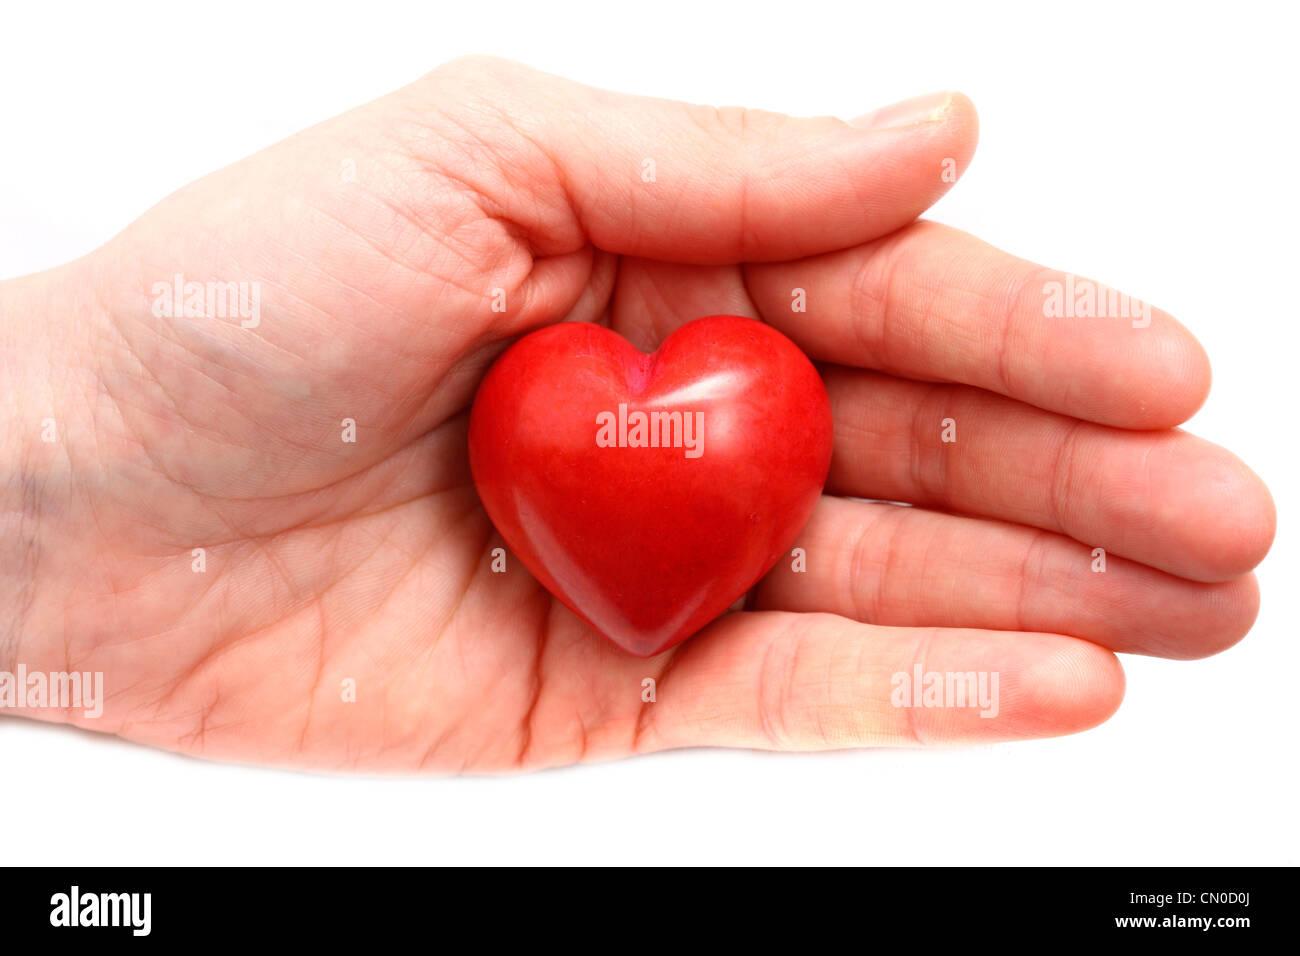 Image symbolique, la maladie cardiaque, crise cardiaque, la protection, la prévention, la cardiologie. Mains Photo Stock